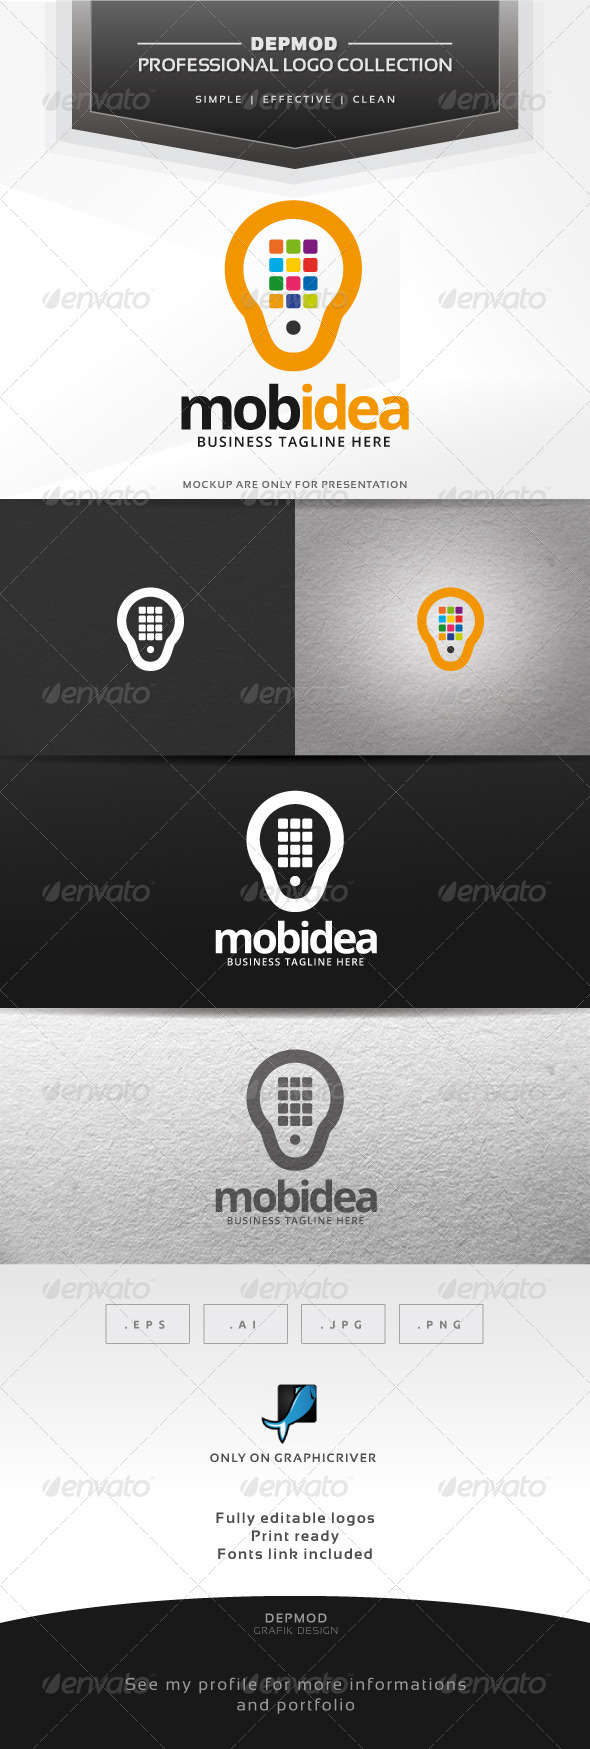 GraphicRiver Mobidea Logo 6804489